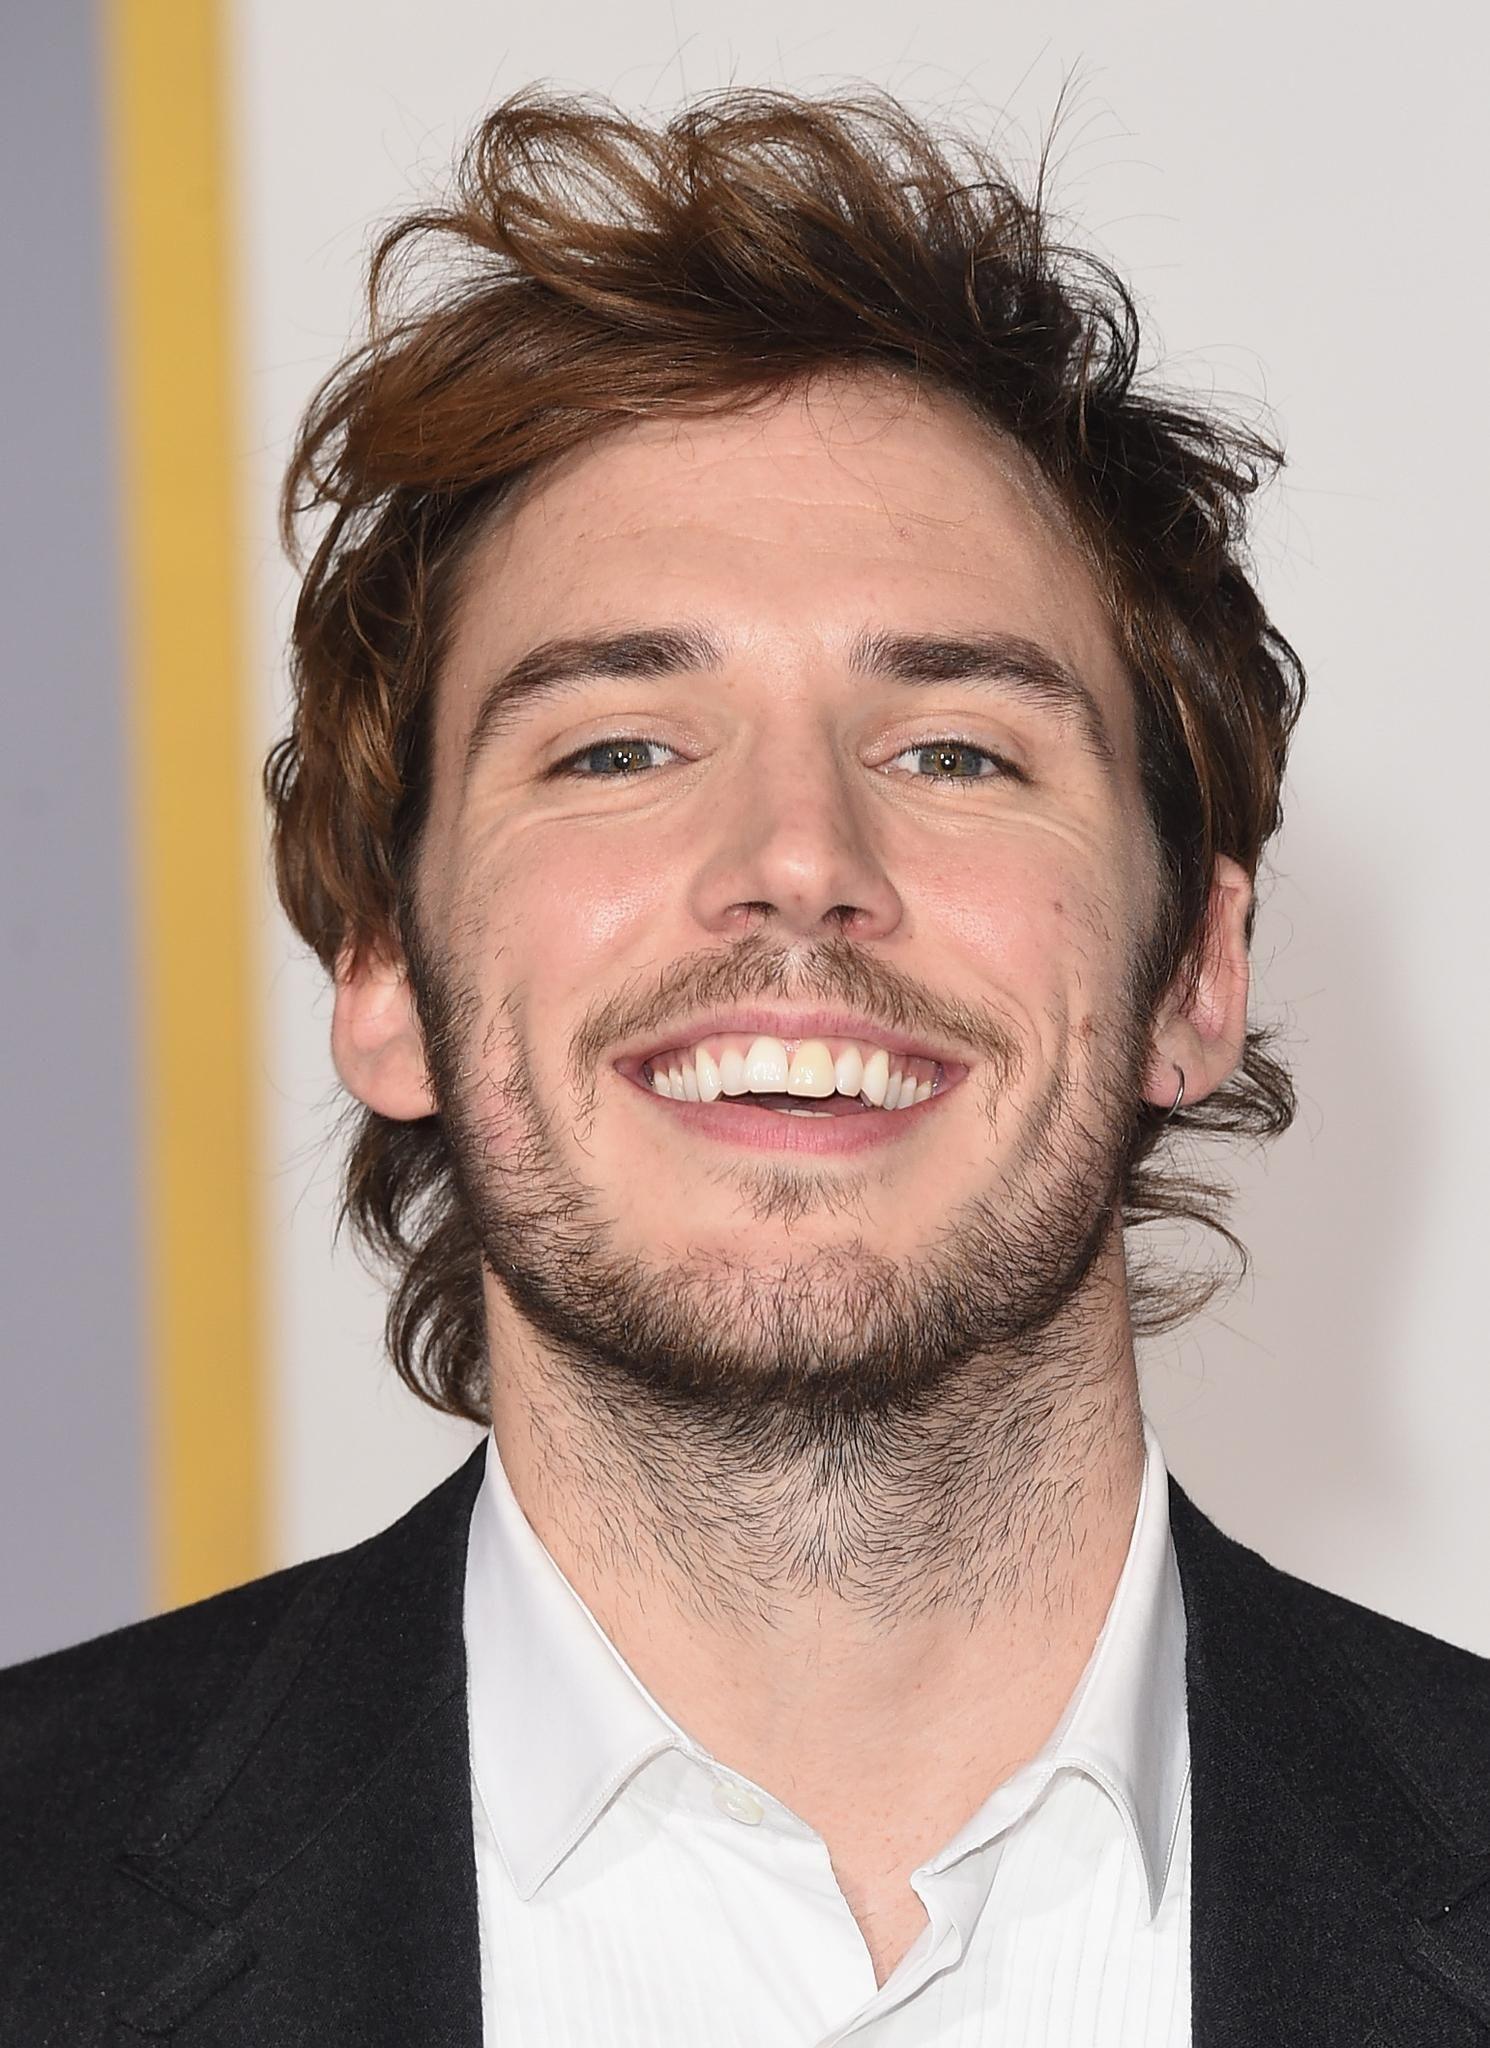 Hombre Cabello Corto Sonriendo Sam Claflin Actores Británicos Actors